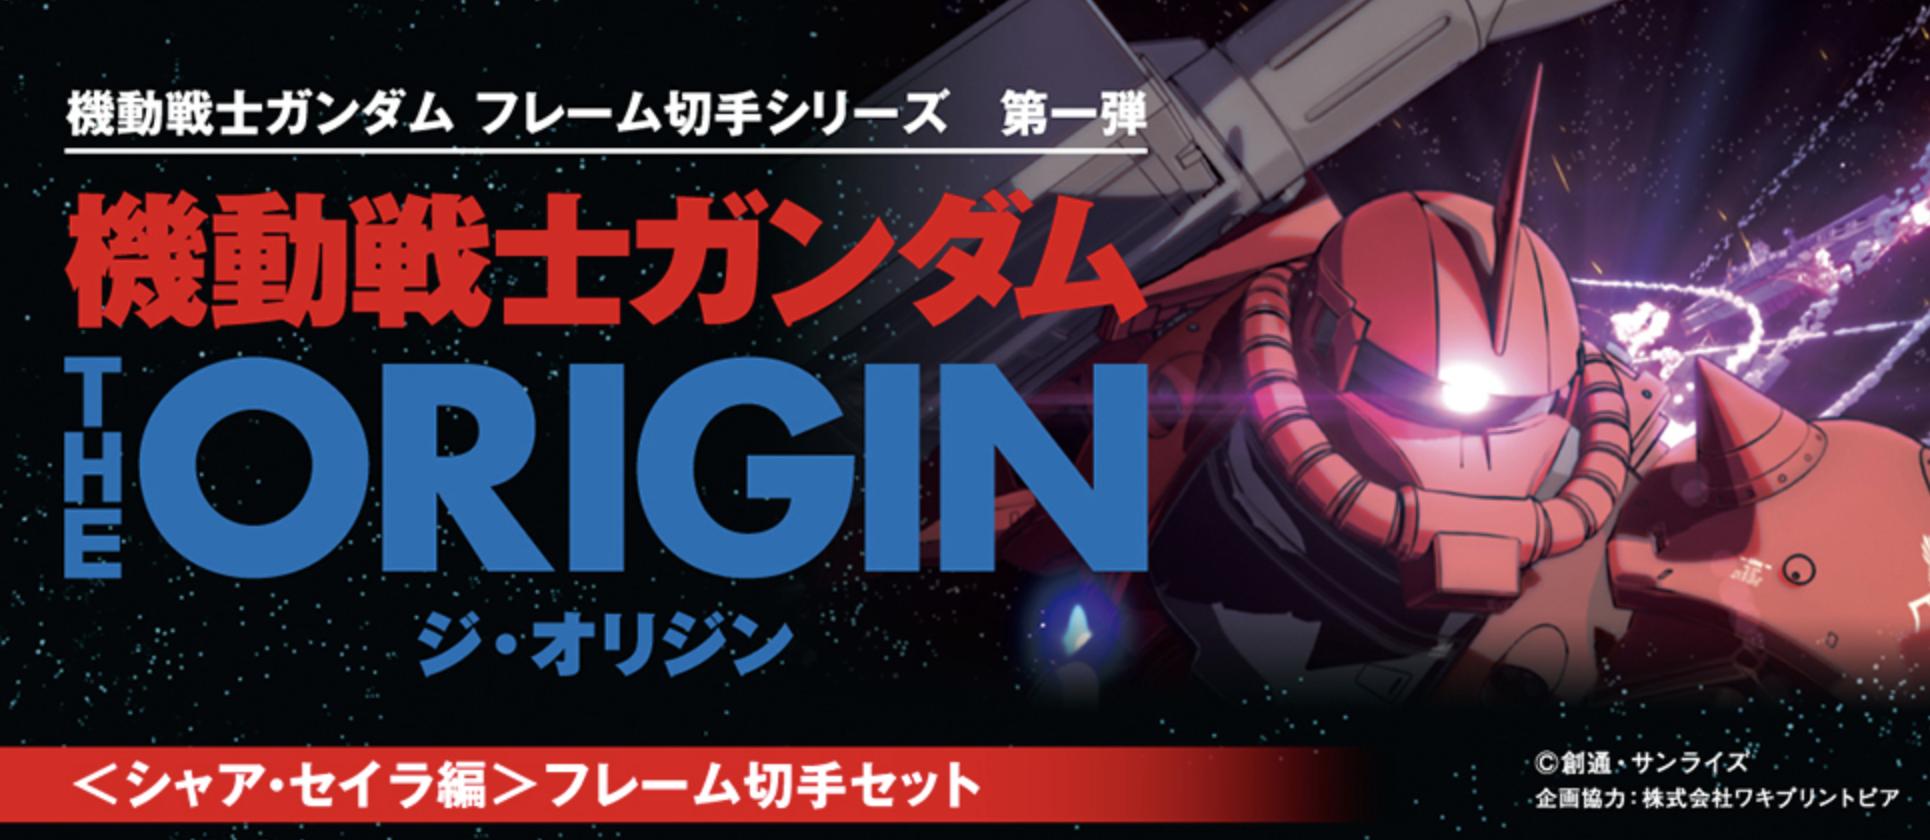 機動戦士ガンダムTHE ORIGINのフレーム切手セットが発売!